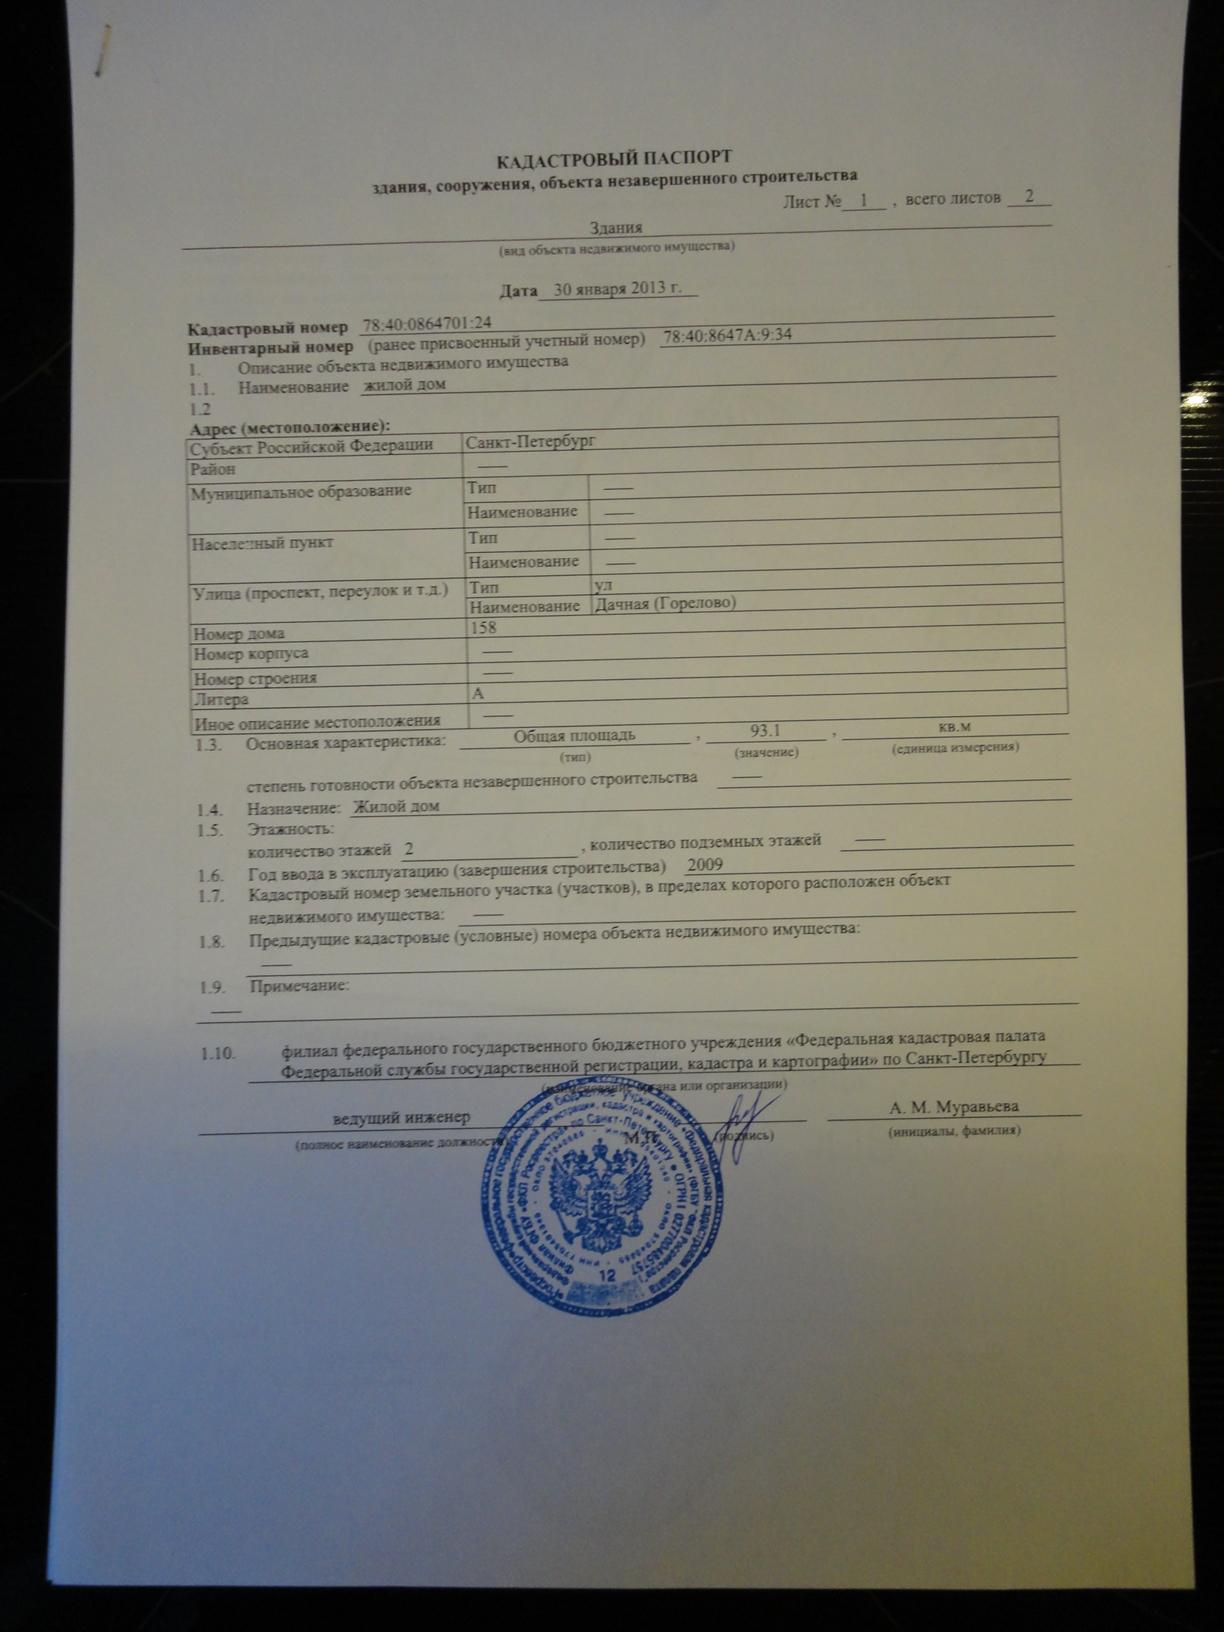 бланк кадастрового паспорта для заполнения